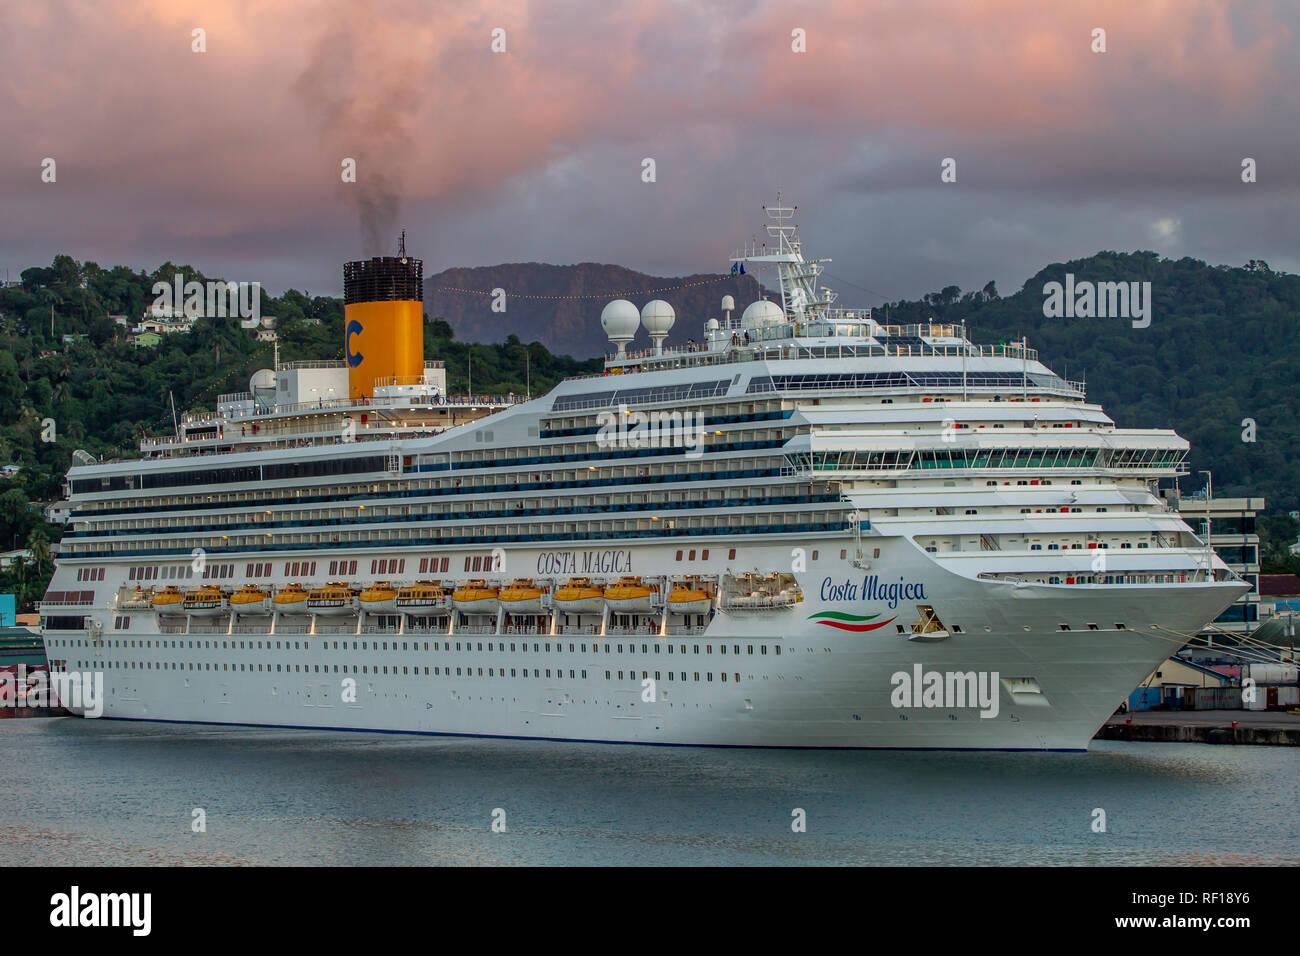 Costa Magic dejando Castries Santa lucía una de las Islas de Barlovento en el Caribe. Foto de stock